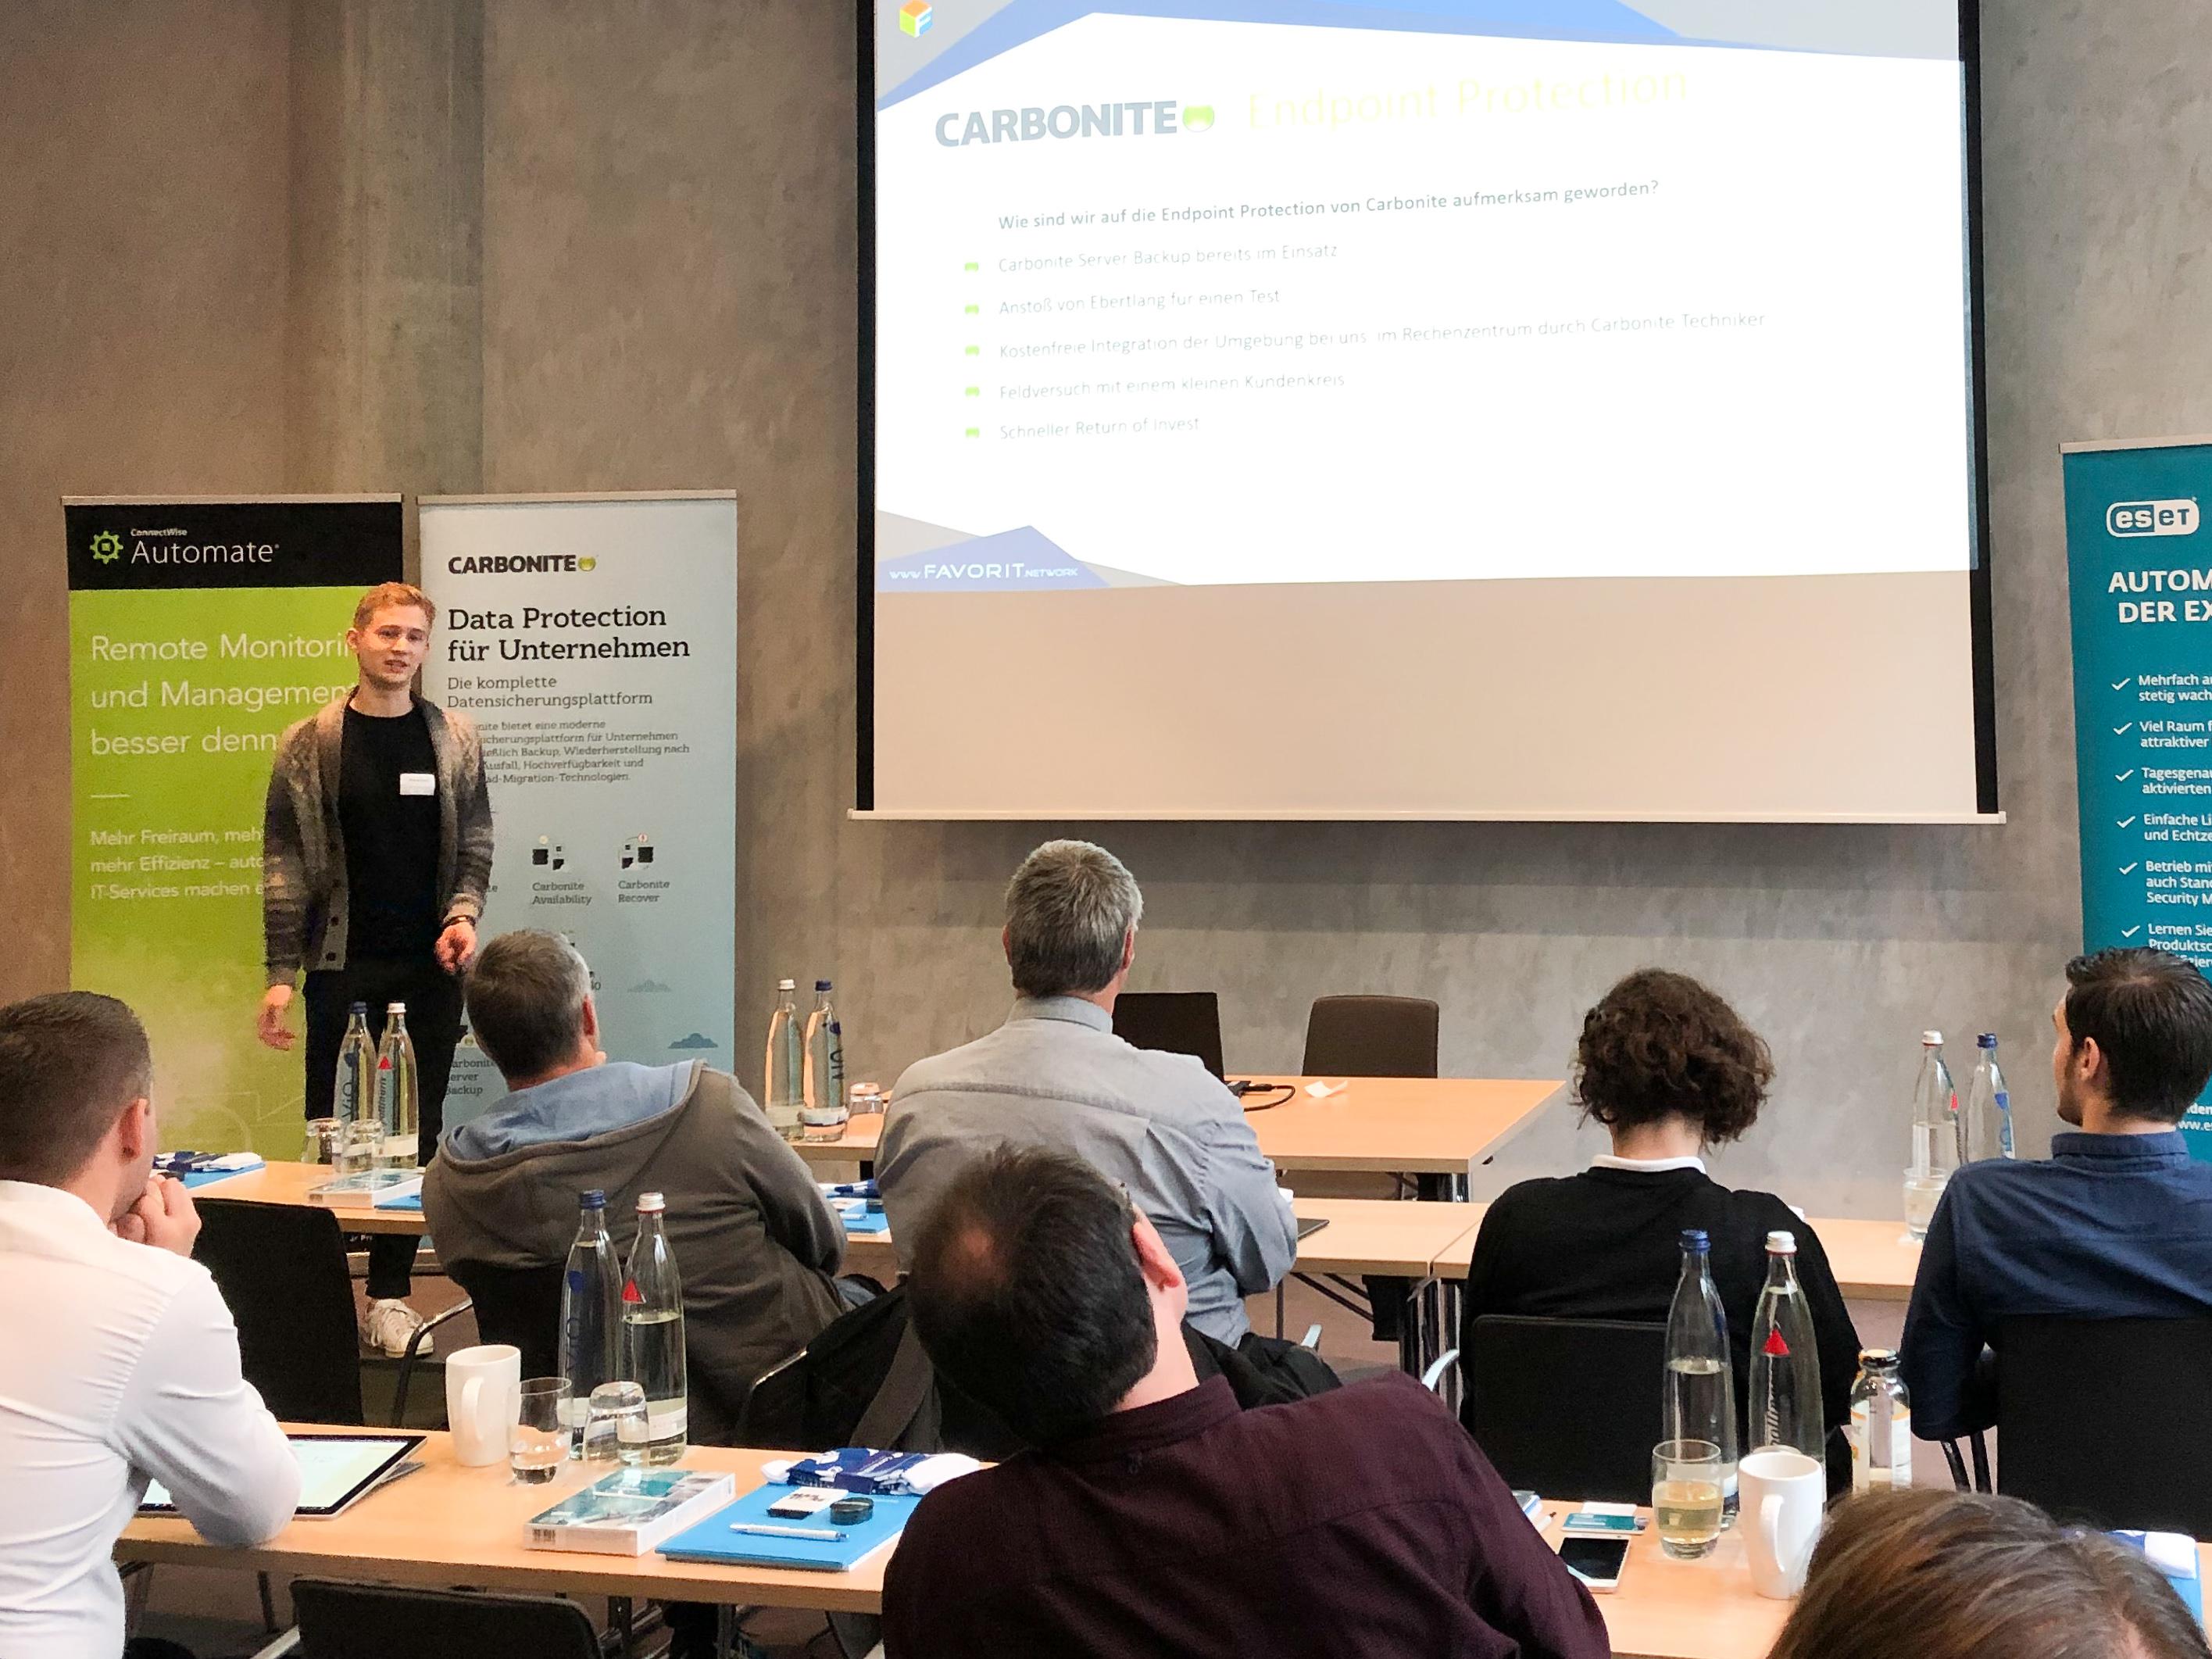 Manuel Franz vom IT-Systemhaus FAVORIT.network berichtet in München von seinen Erfahrungen mit den Datensicherungslösungen von Carbonite und der E-Mail-Archivierungslösung MailStore.